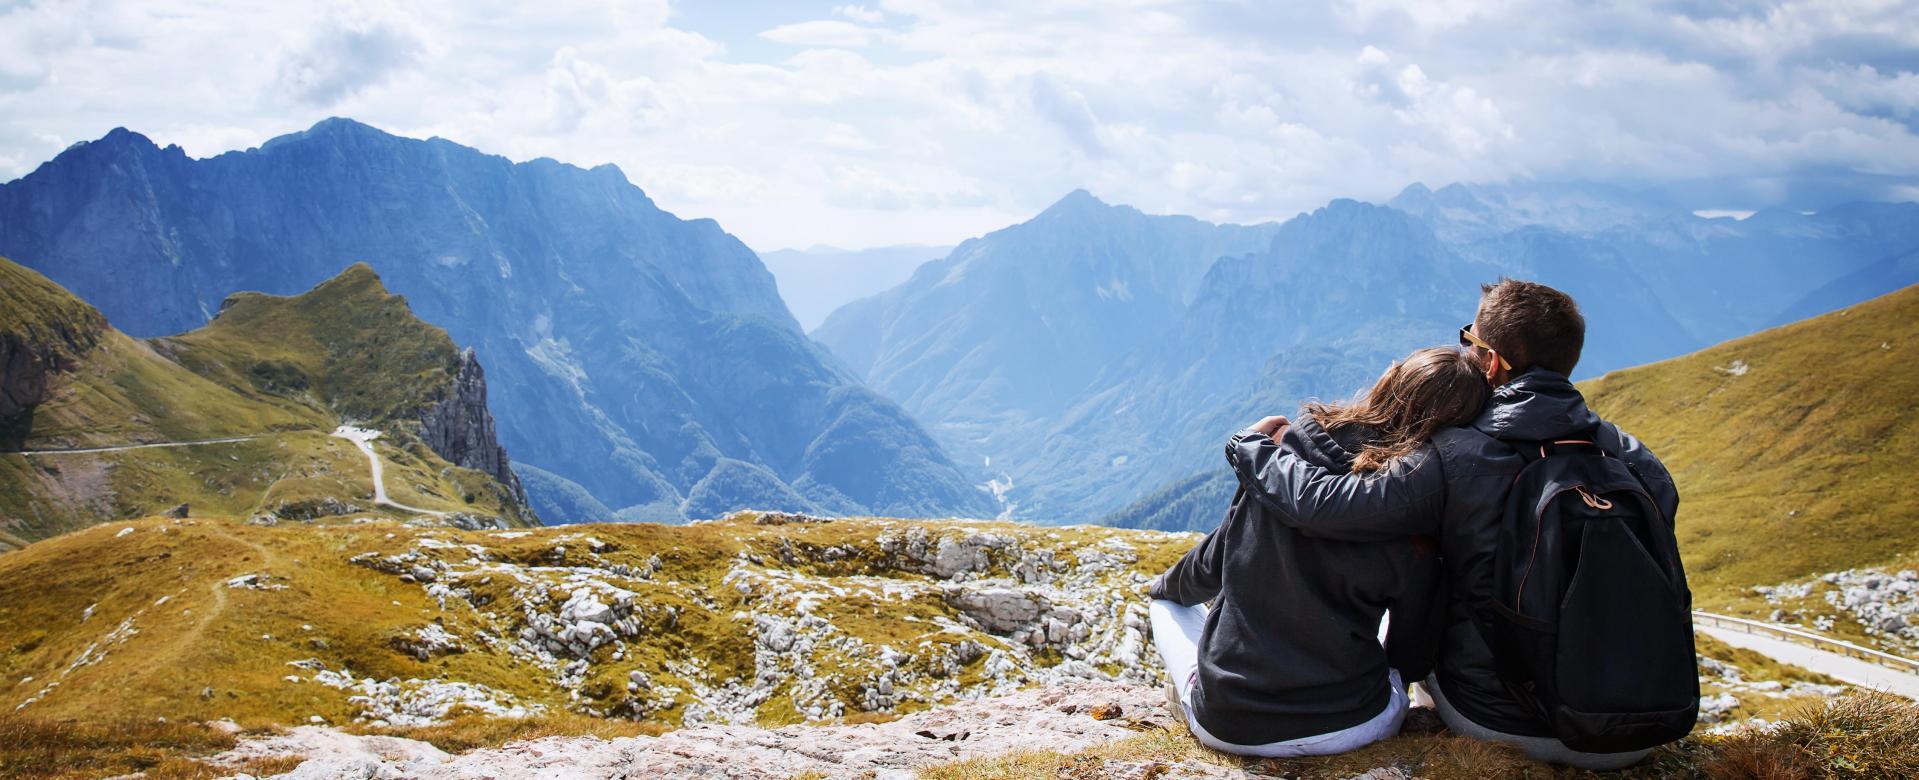 Voyage à pied : Les alpes slovènes